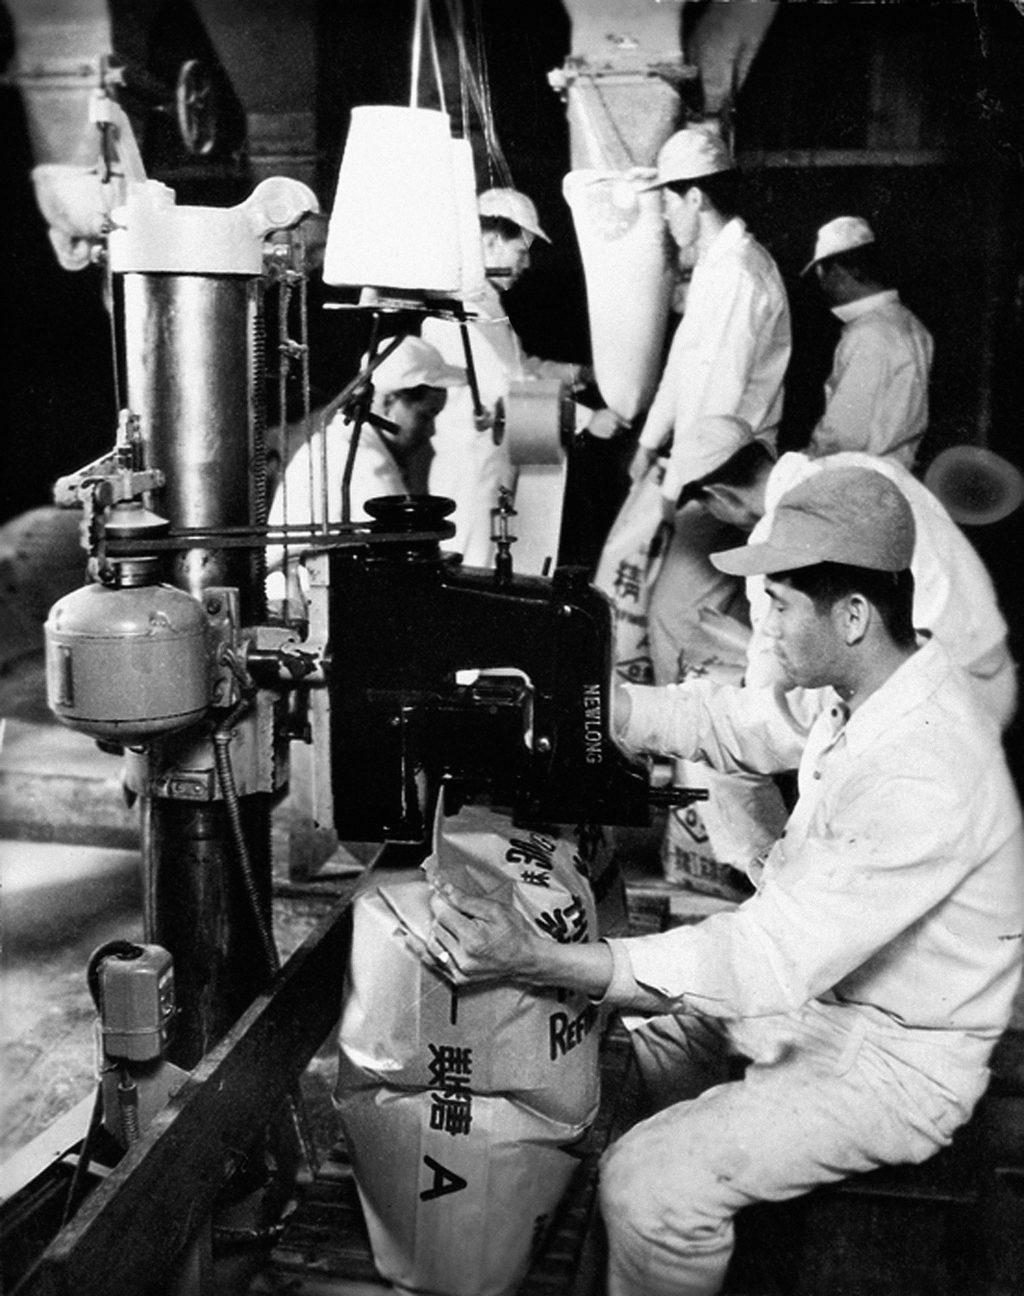 1950년대 설탕 포장 작업 모습